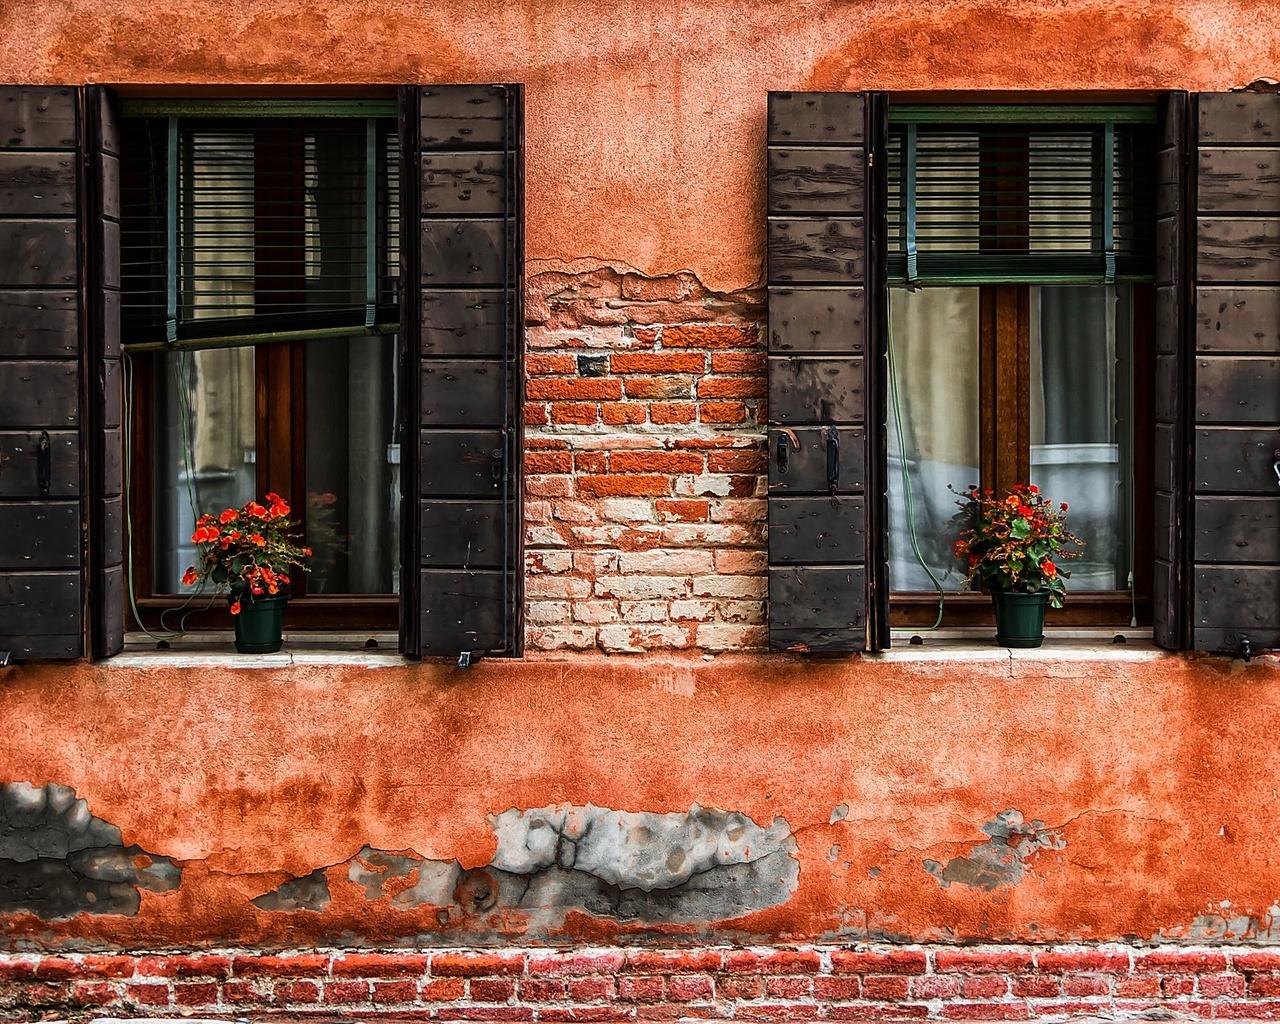 окно, дом, цветы, здание